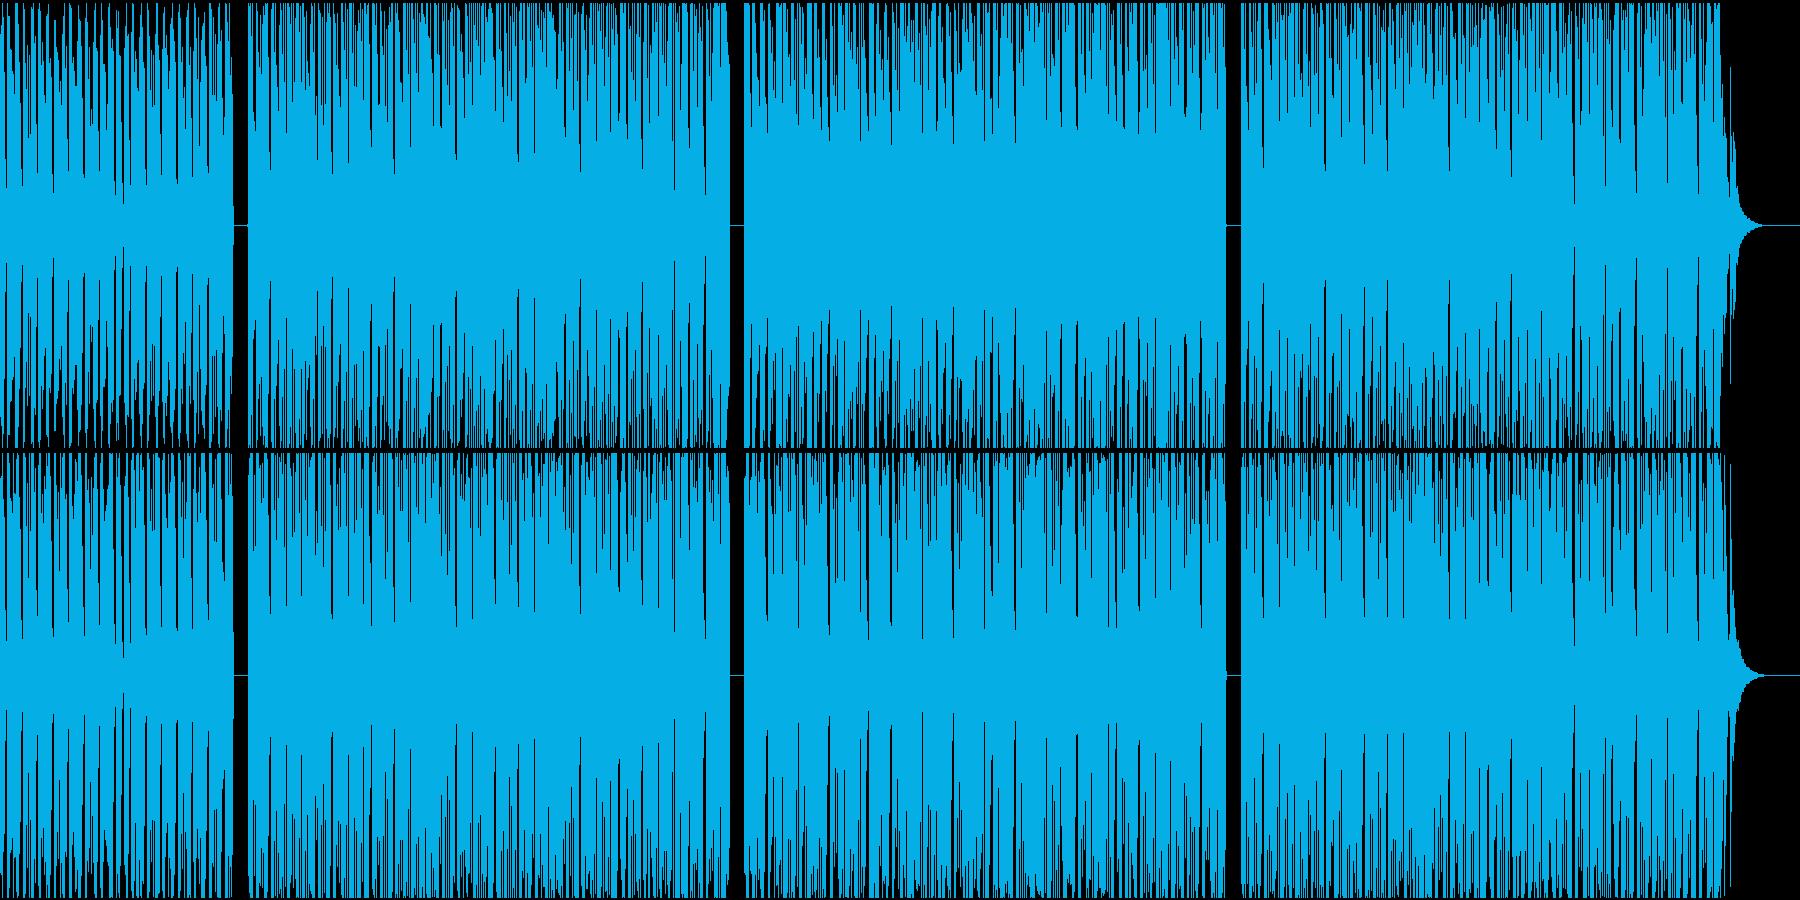 少し肌寒い感じのハウスサウンドの再生済みの波形